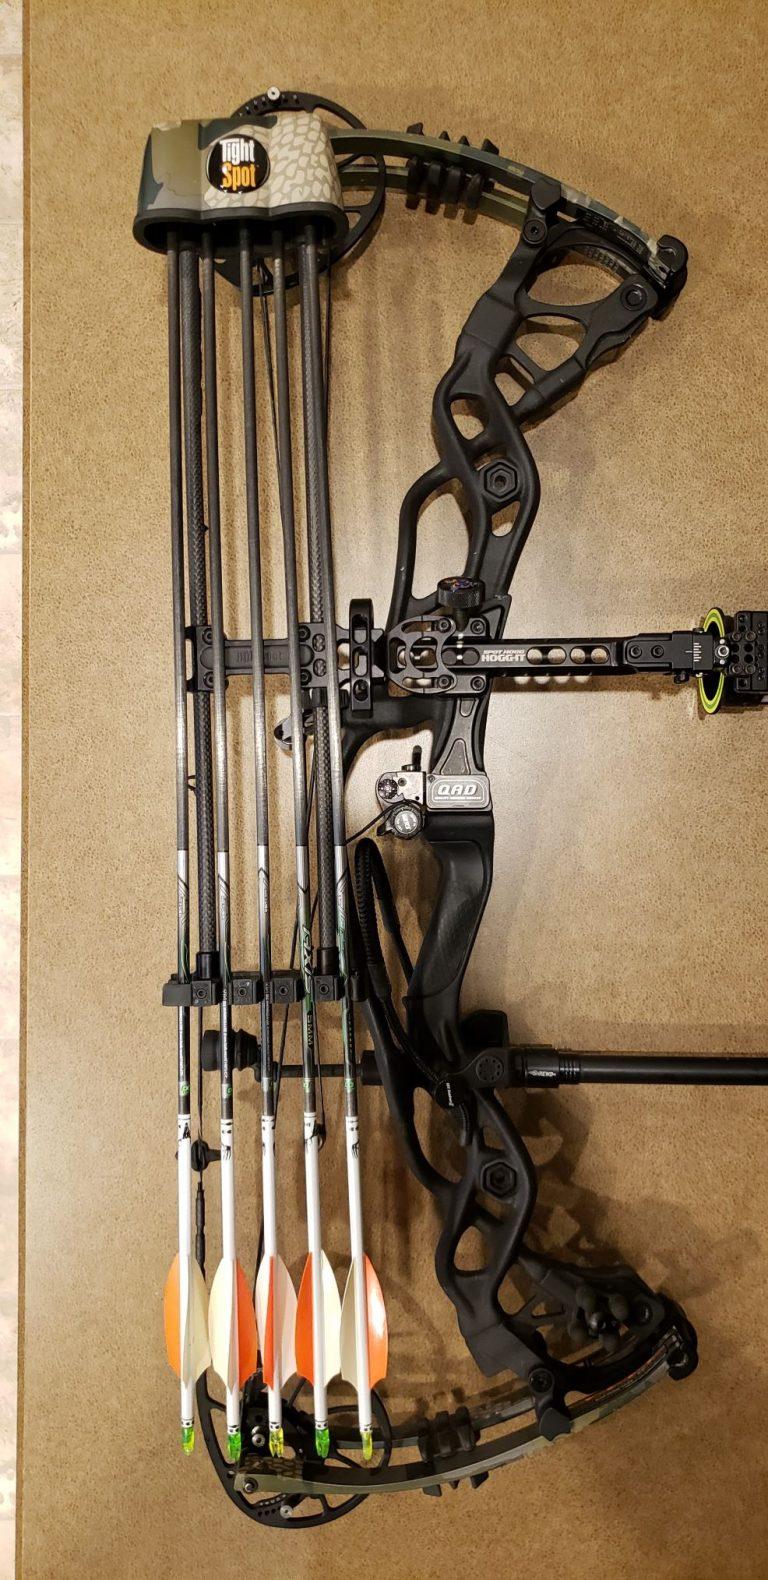 Tightspot Quiver 5 Arrow Review